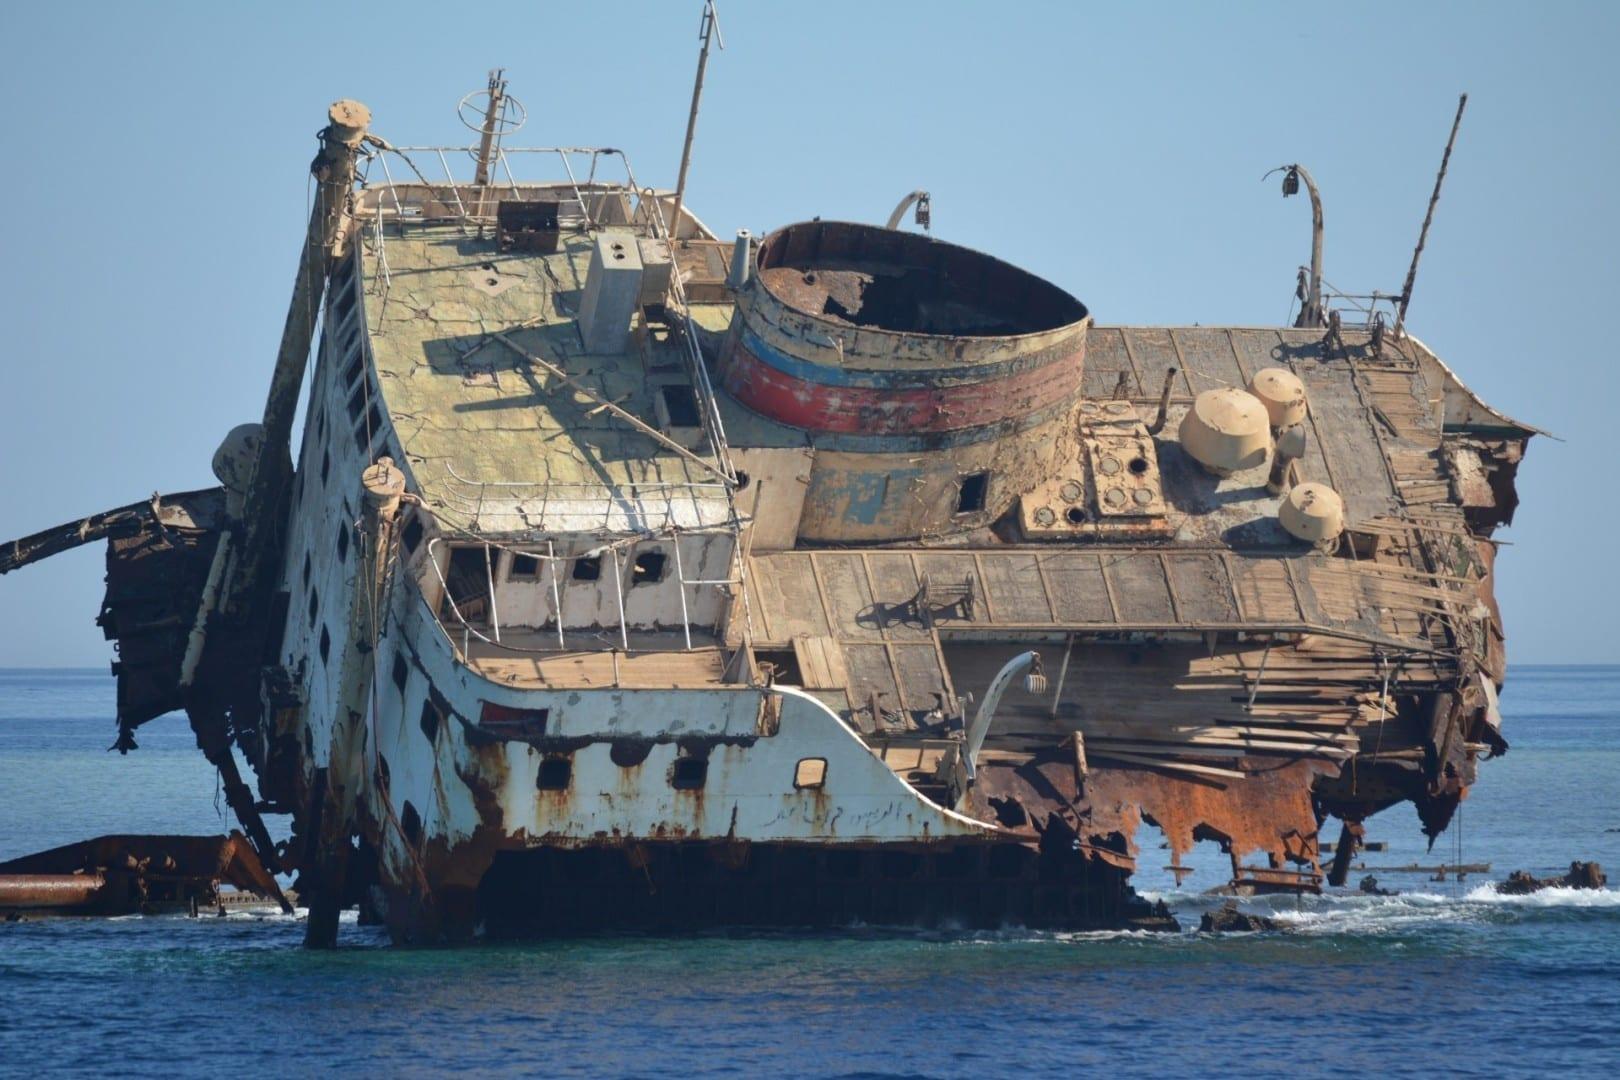 Viejo naufragio ruso en la bahía de Na'ama Sharm el Sheikh Egipto